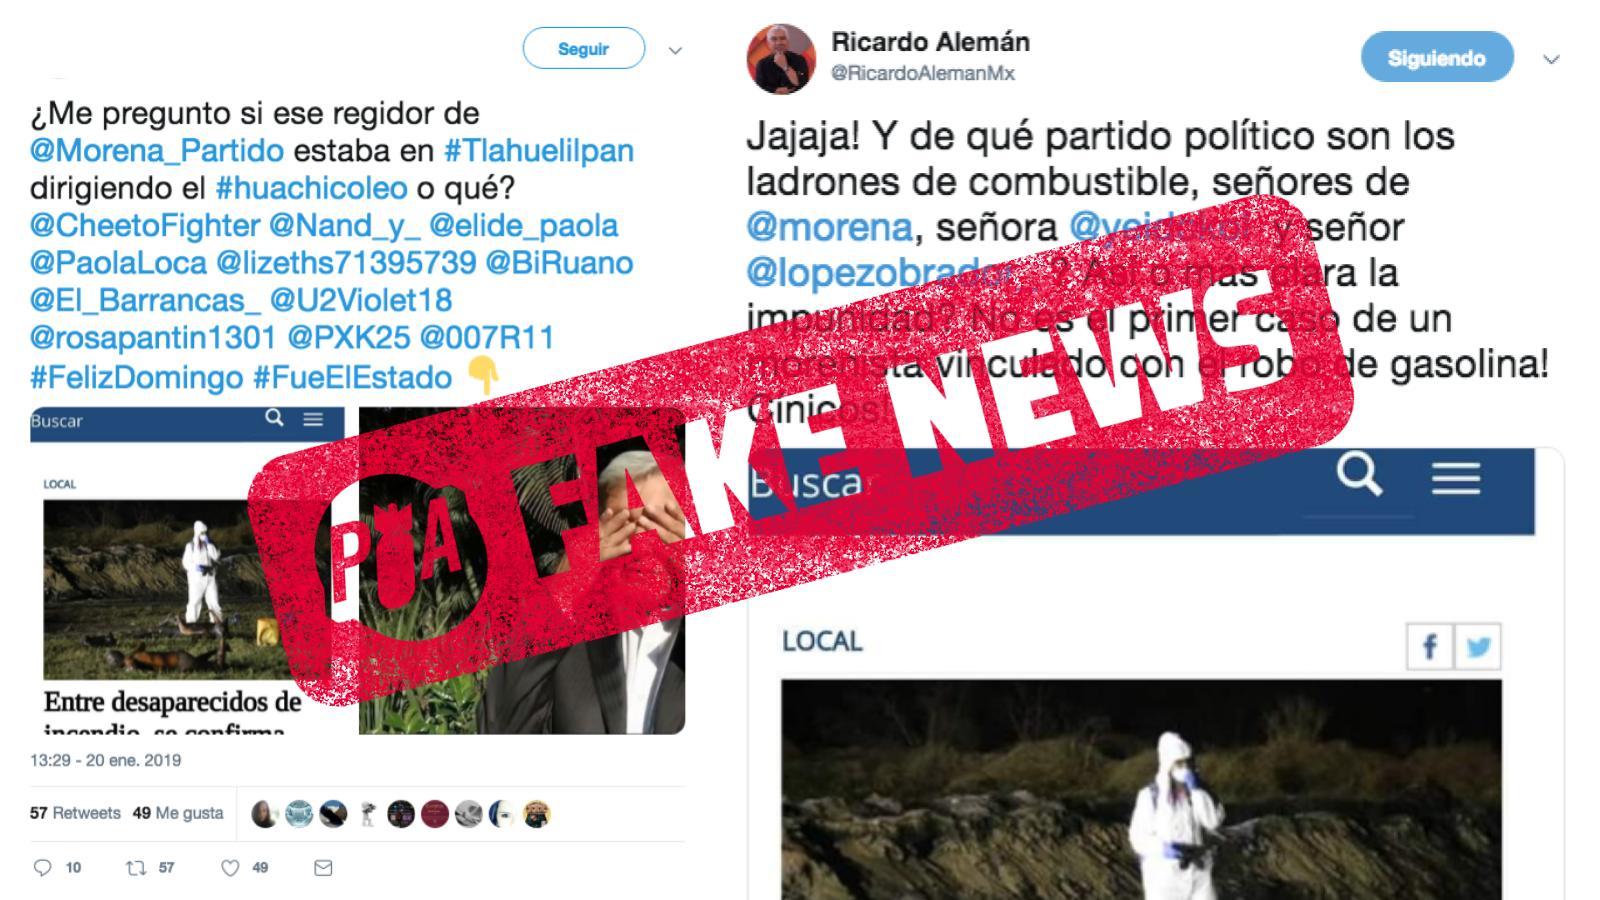 Es falso que un regidor de Morena haya muerto en la explosión de Tlahuelilpan. Se ha alterado un titular de un diario local